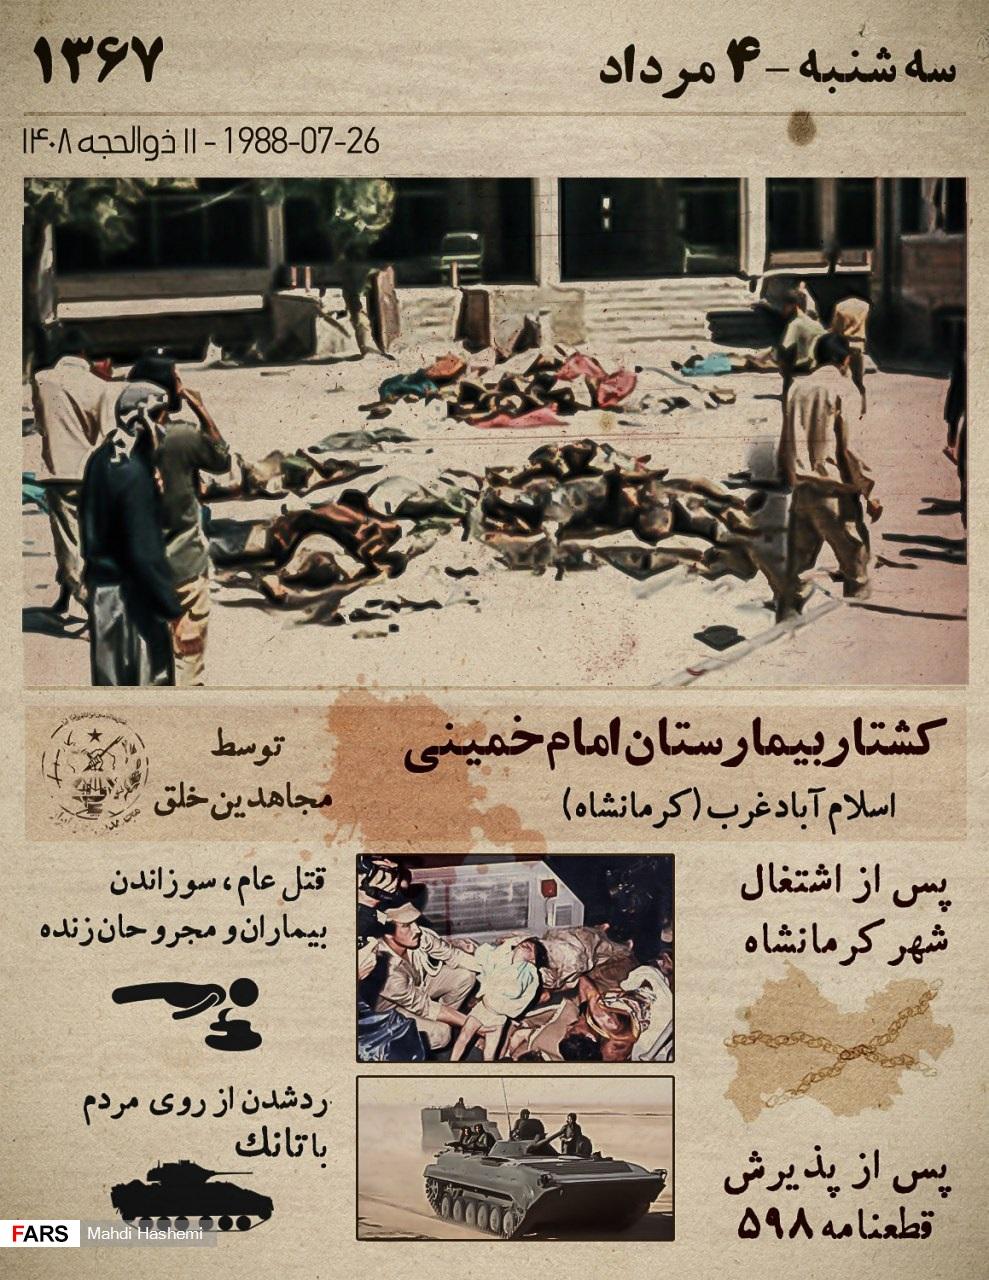 جنایت سربازان «مسعود رجوی» در بیمارستان امام خمینی(ره) / عملیات مرصاد چگونه طراحی شد؟